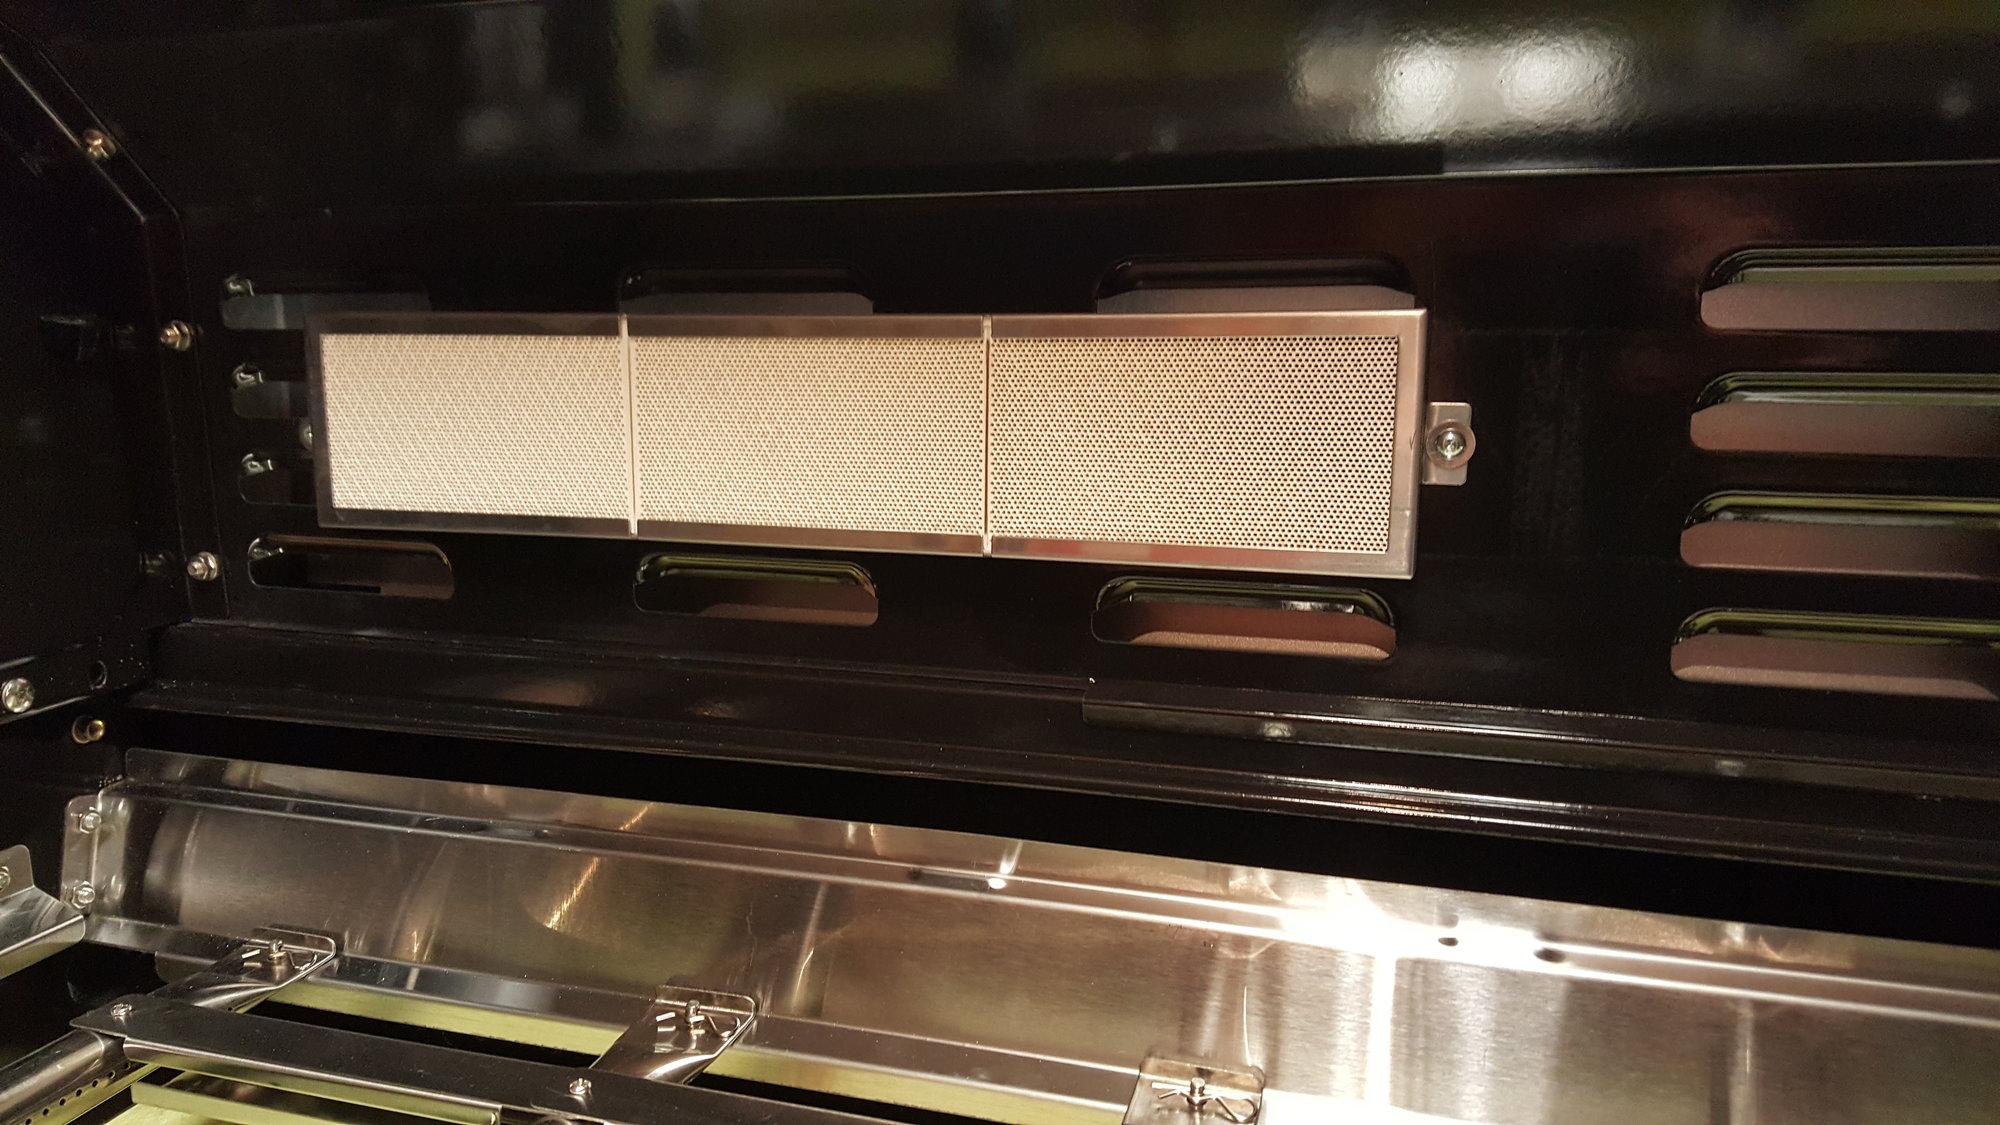 Rösle Gasgrill Oder Weber : Gasgrill mit infrarotbrenner u vor nachteile u top im vergleich